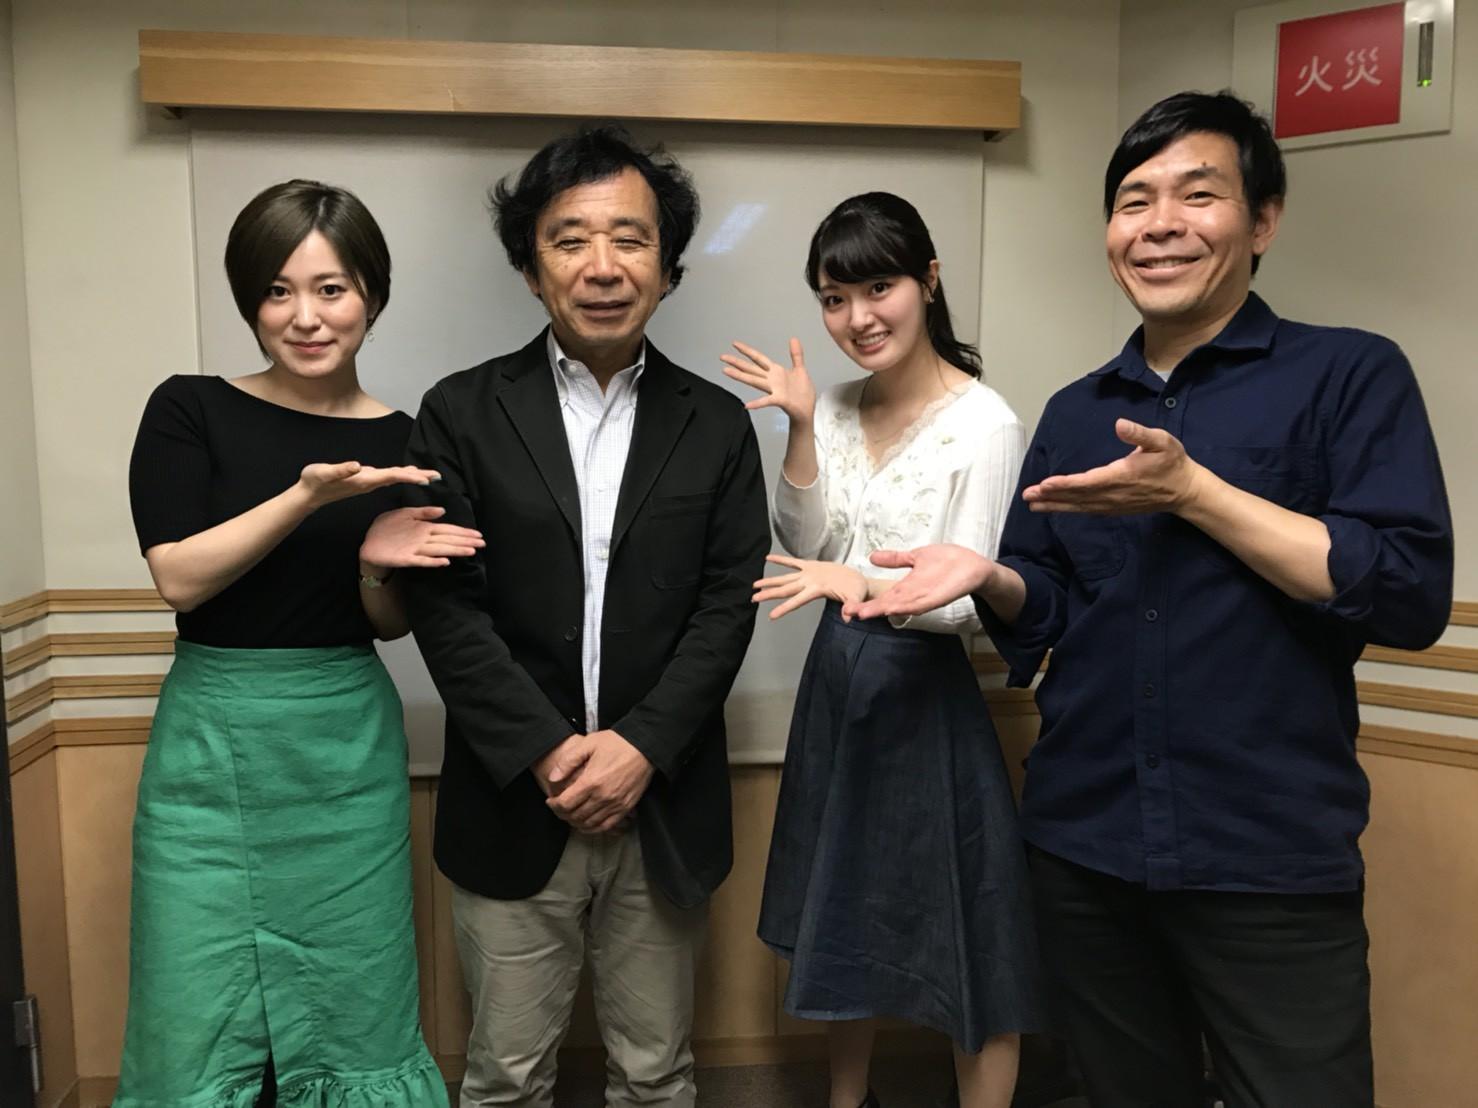 由真と愛180521.jpg